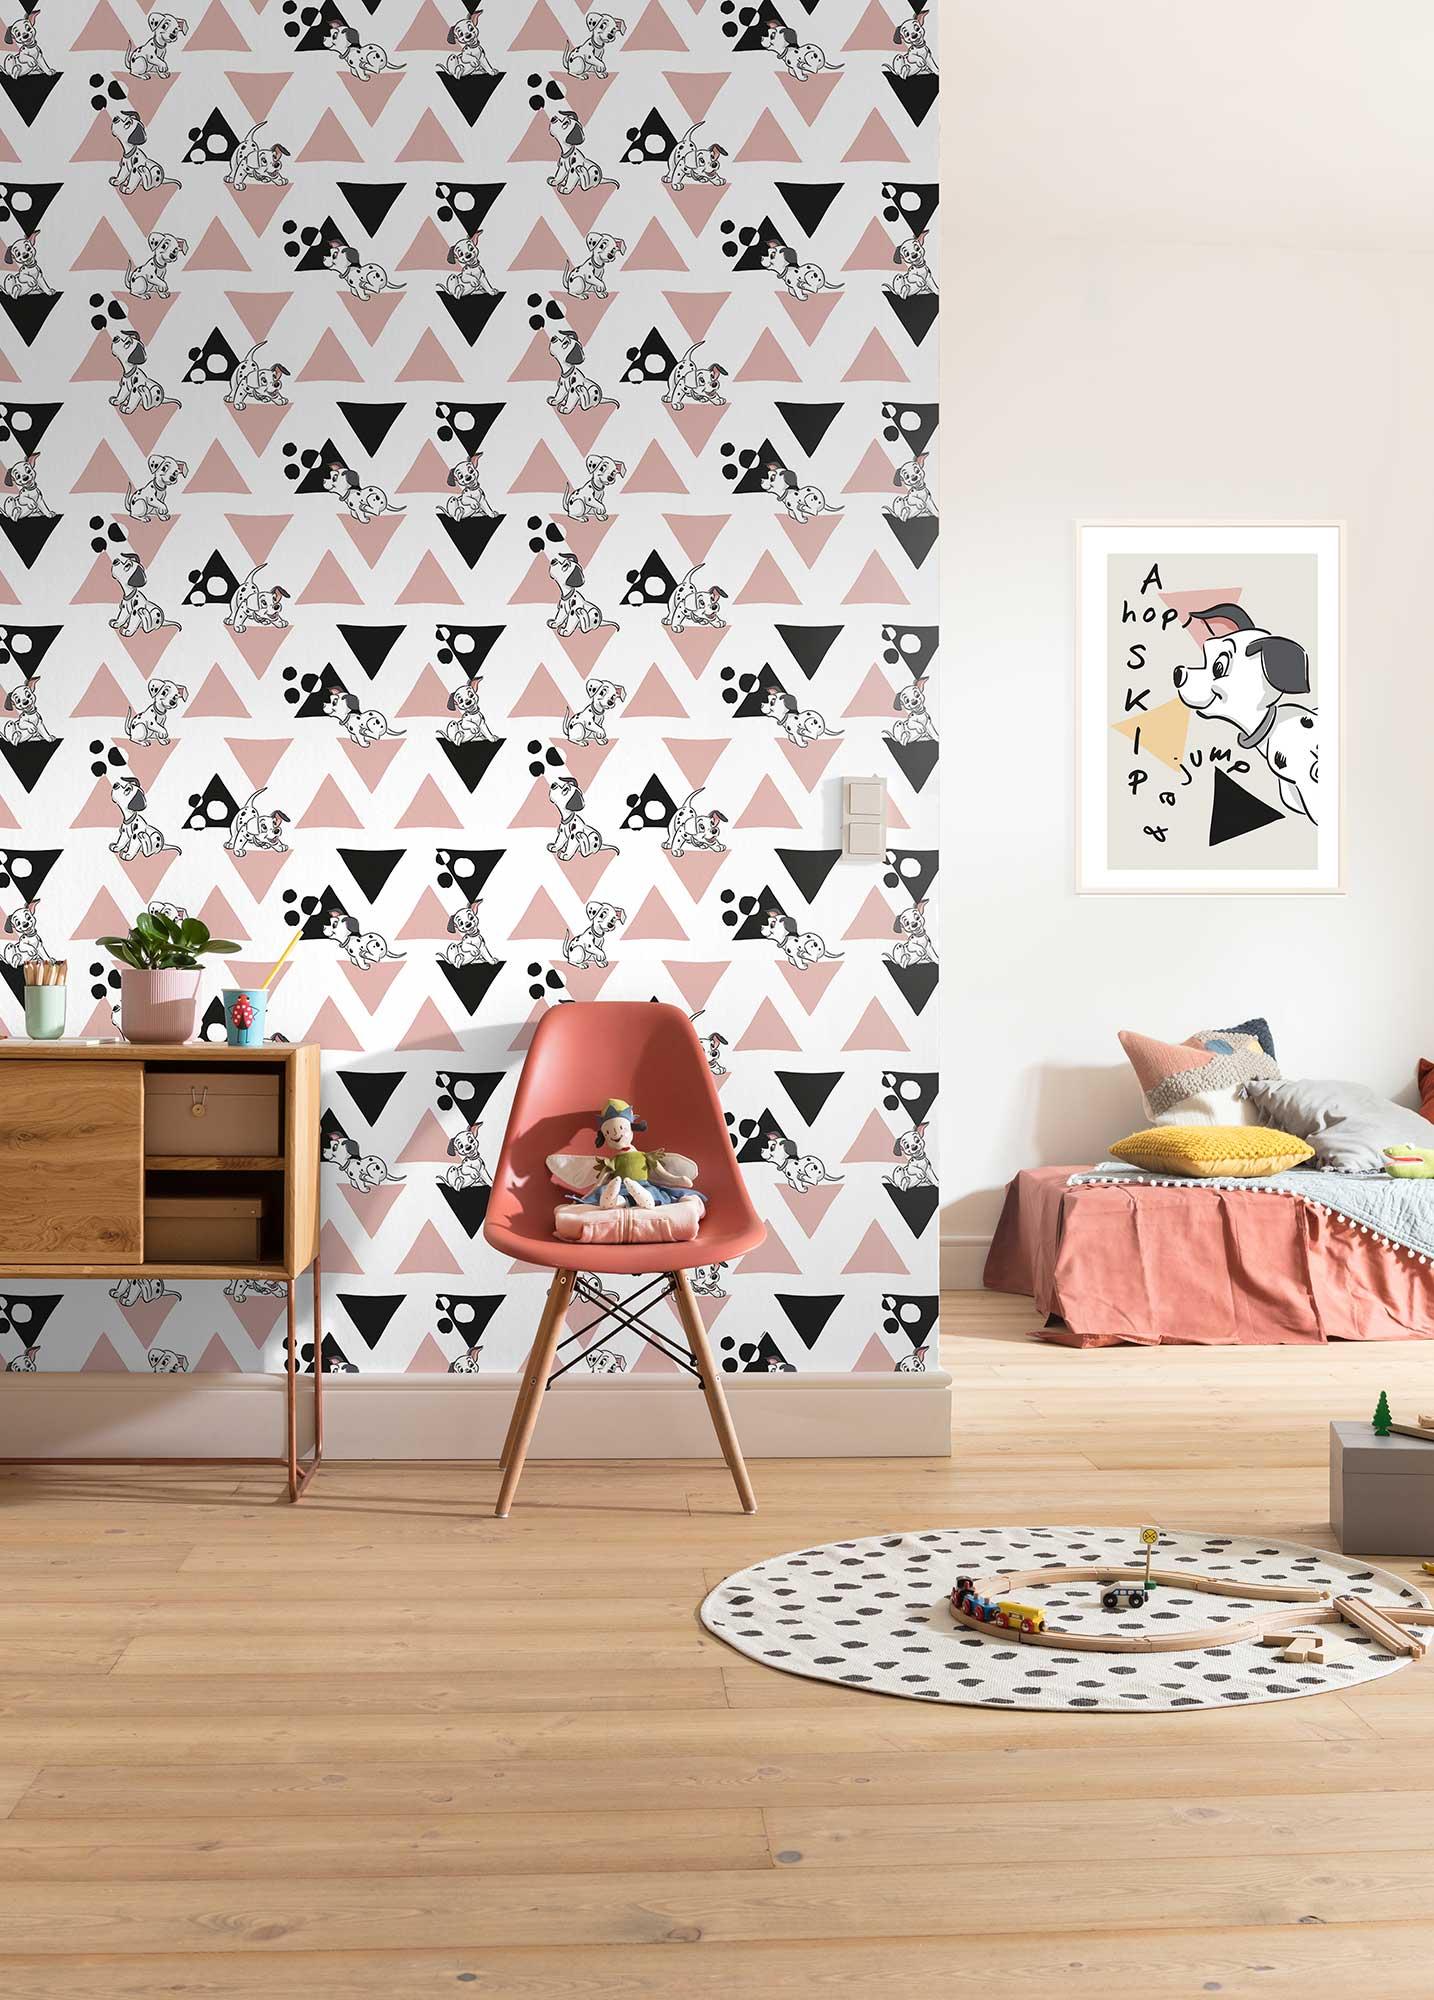 Papier peint enfant Disney 101 Dalmatiner Angles - Papier peint panoramique Komar AMB